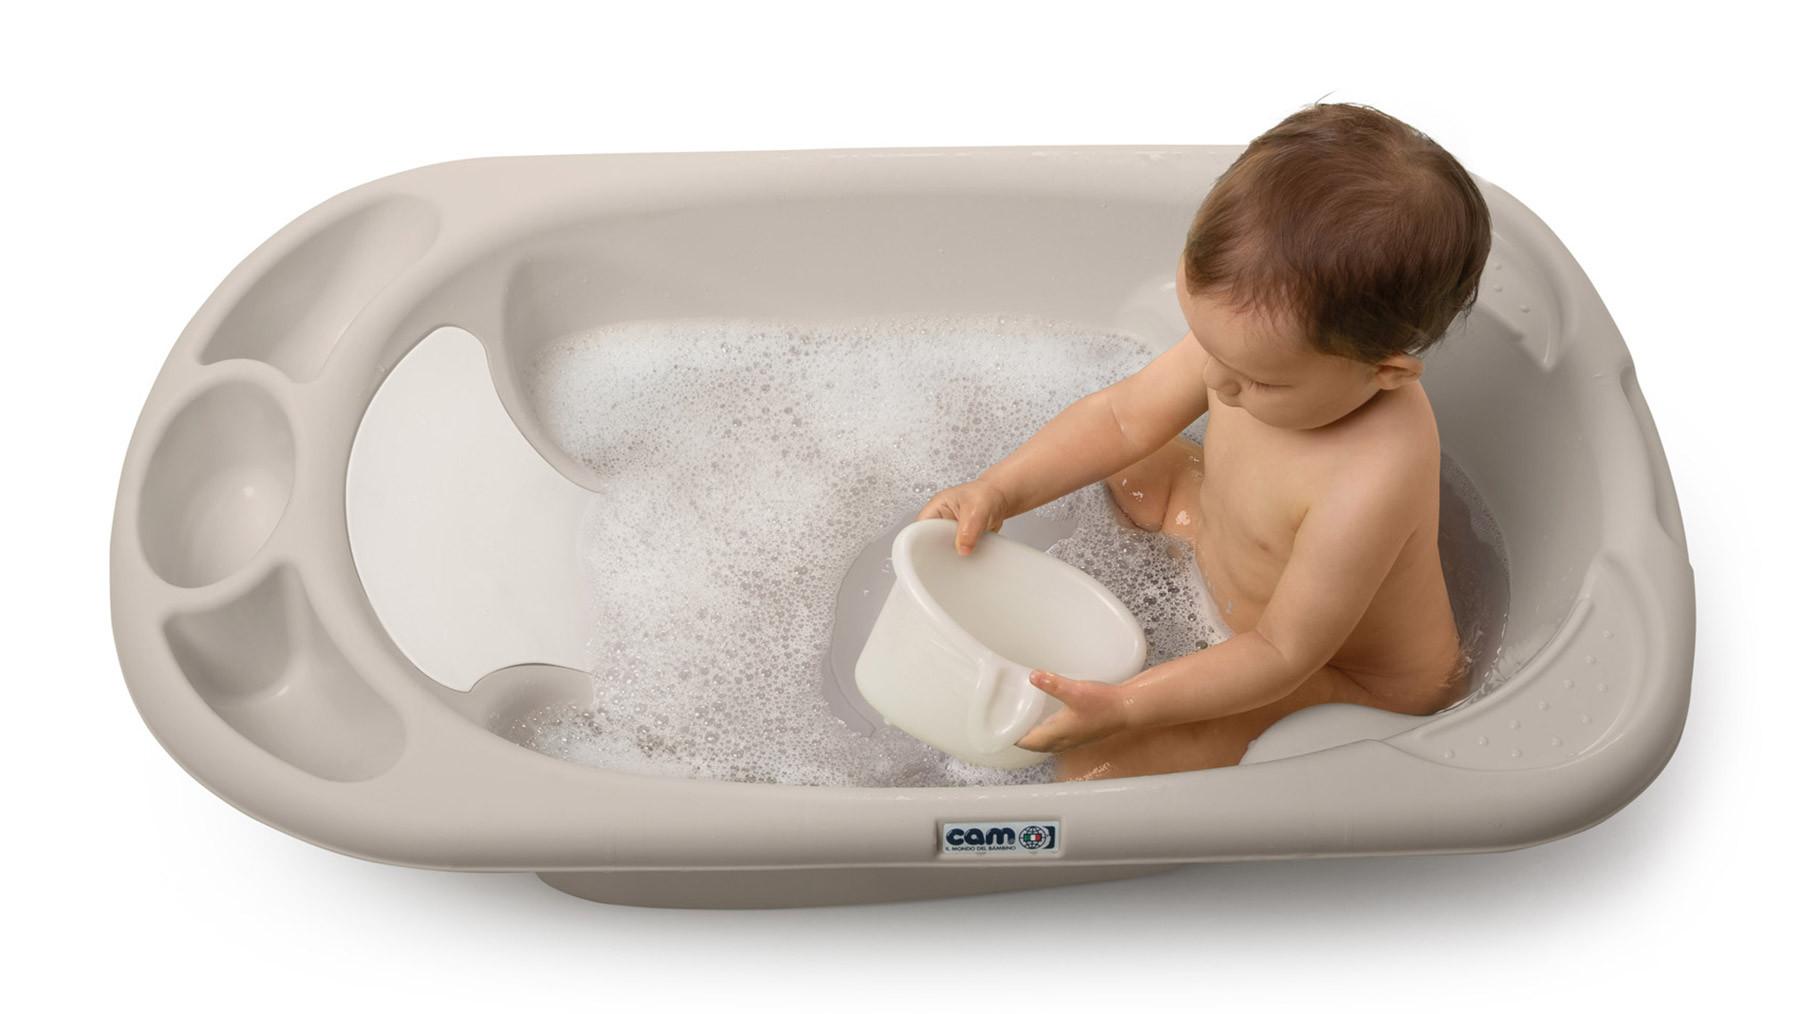 Baby Bagno Vaschetta Per Neonati Cam 2 Sedute Anatomiche E Antiscivolo In Offerta Sotto Il Cavolo